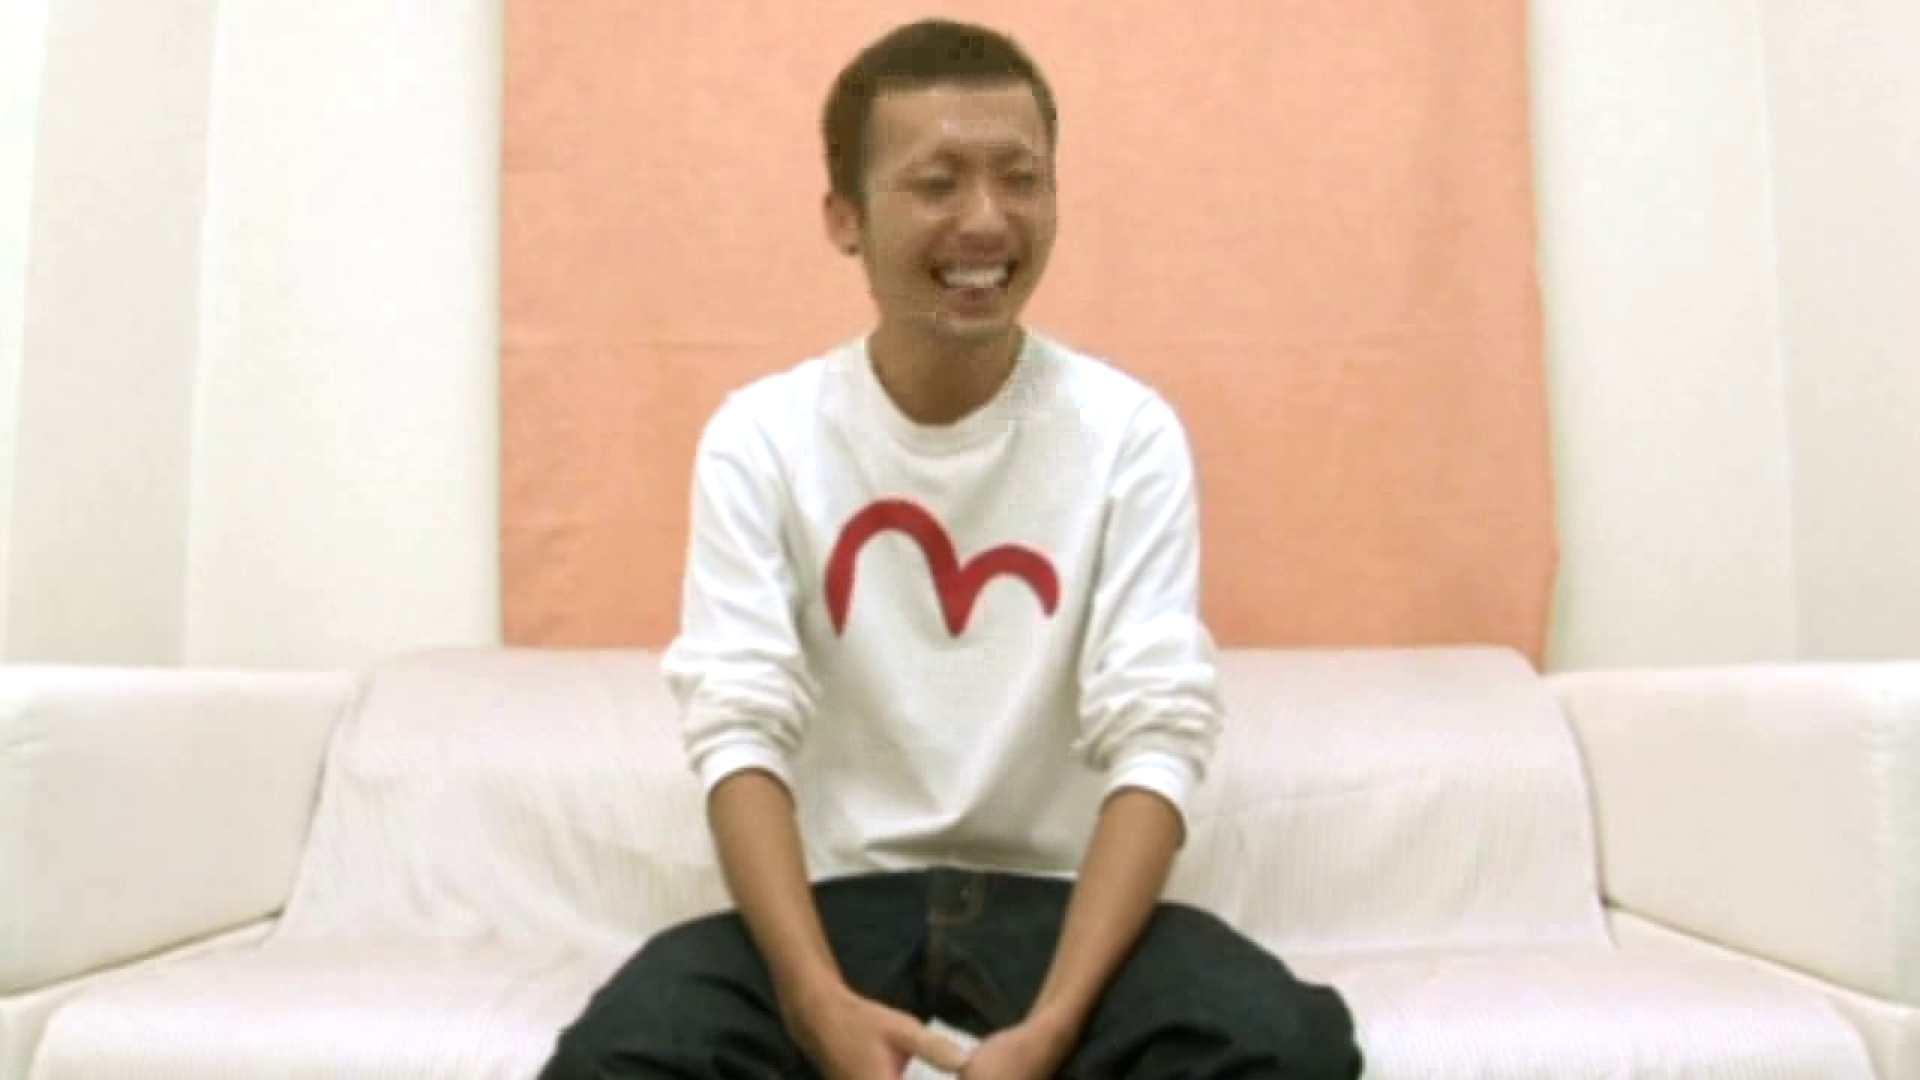 ノンケ!自慰スタジオ No.11 男の裸 | 茶髪 ゲイザーメン画像 78pic 25